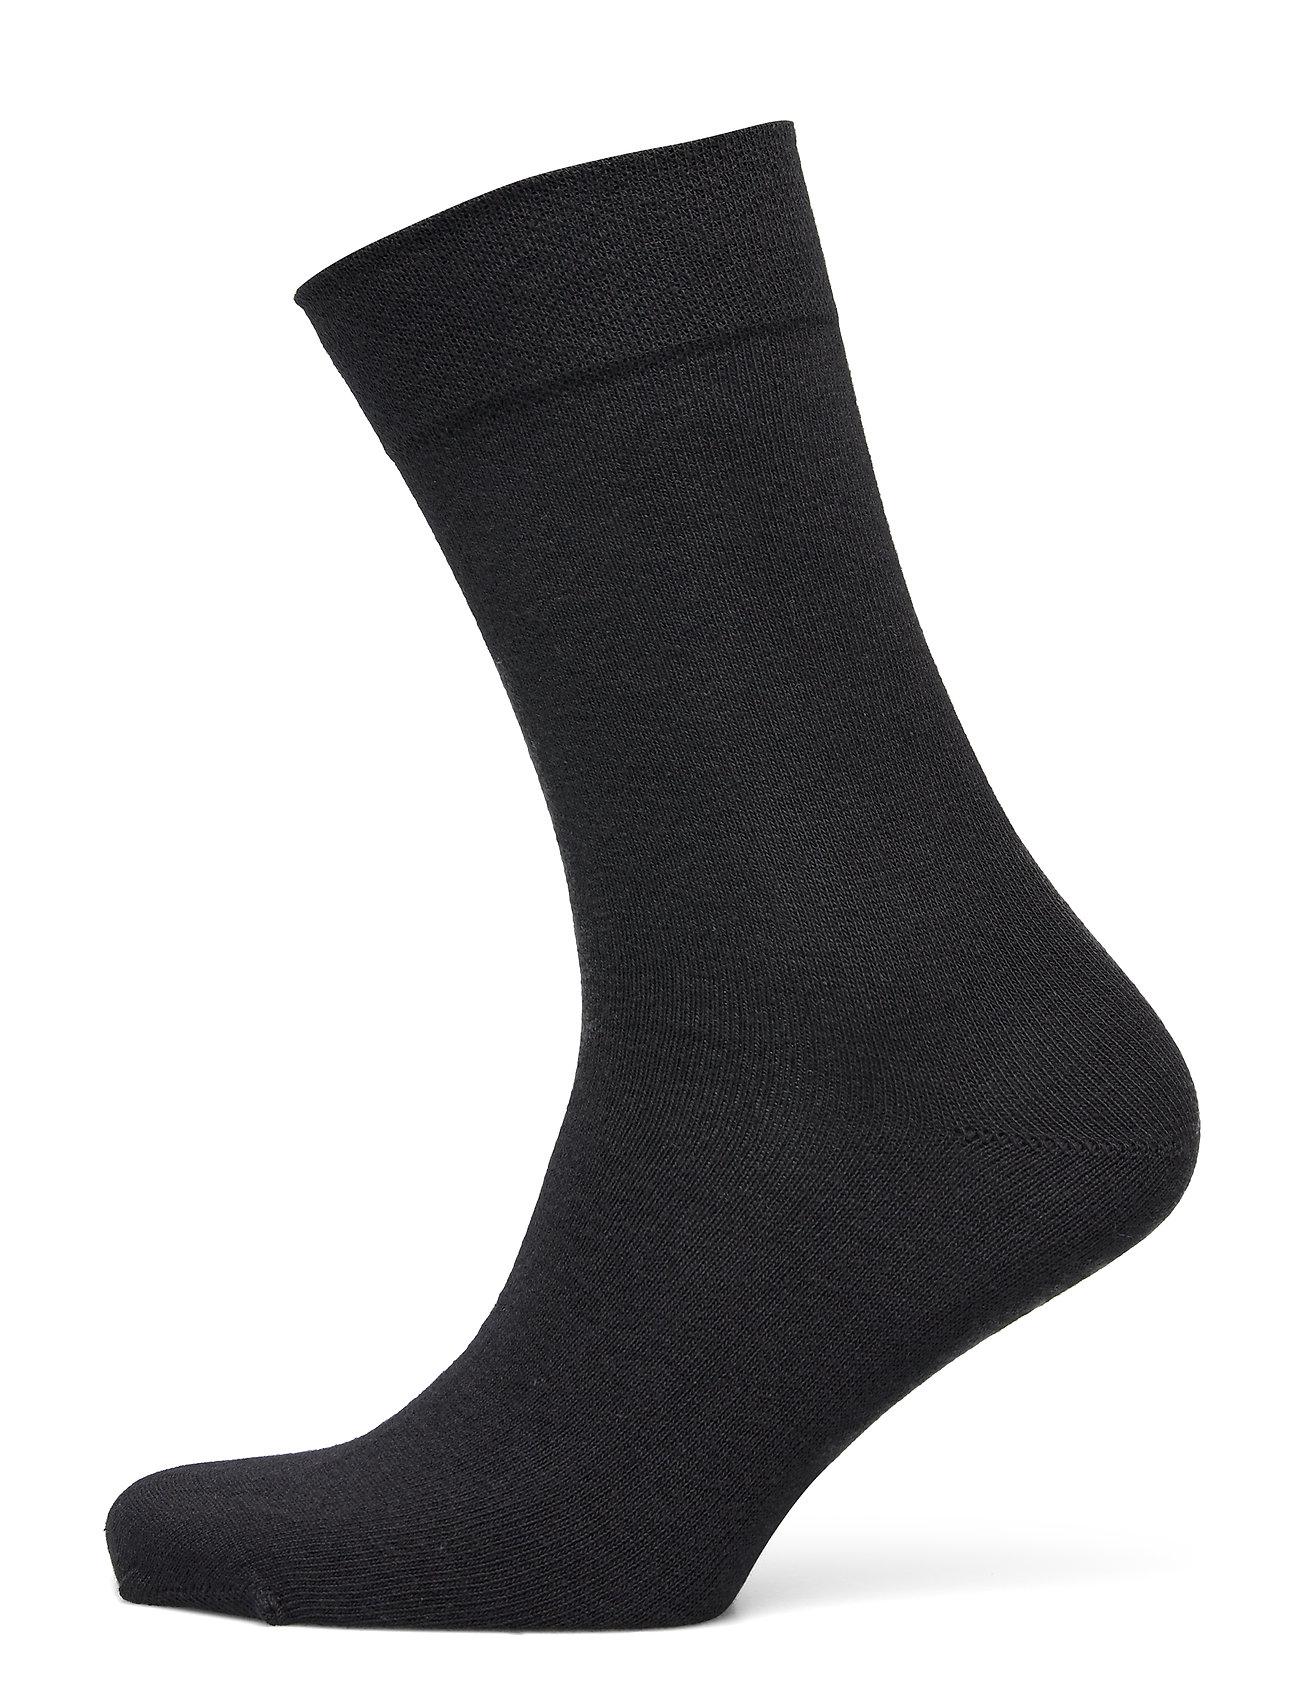 Image of Decoy Comfort Ankle Socks Lingerie Socks Knee High Socks Sort Decoy (3465461381)